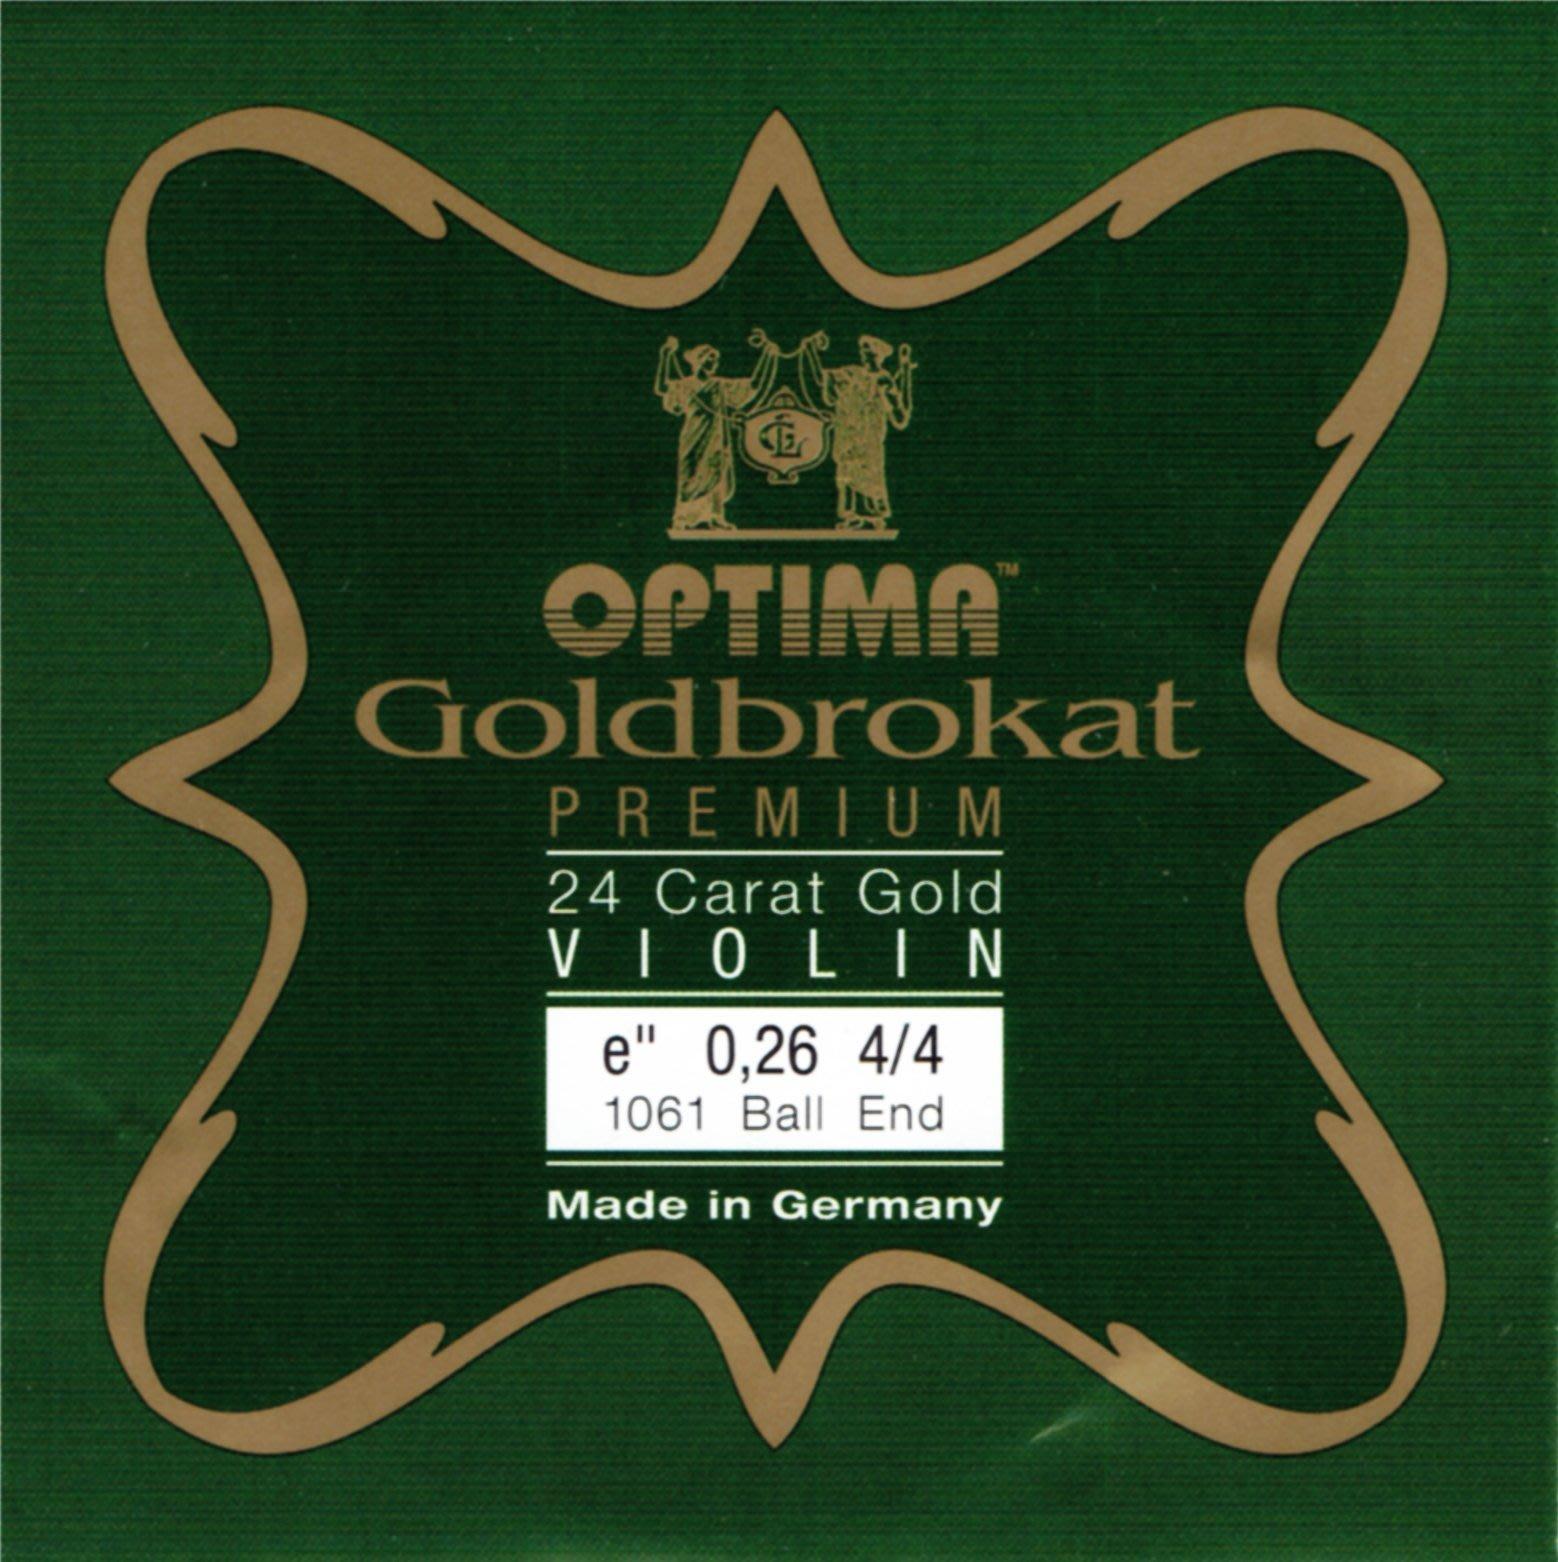 【三益琴行】『新品上架』德國OPTIMA小提琴鍍金E弦(原德國Lenzner) 24K鍍金E弦,球尾,直徑0.27